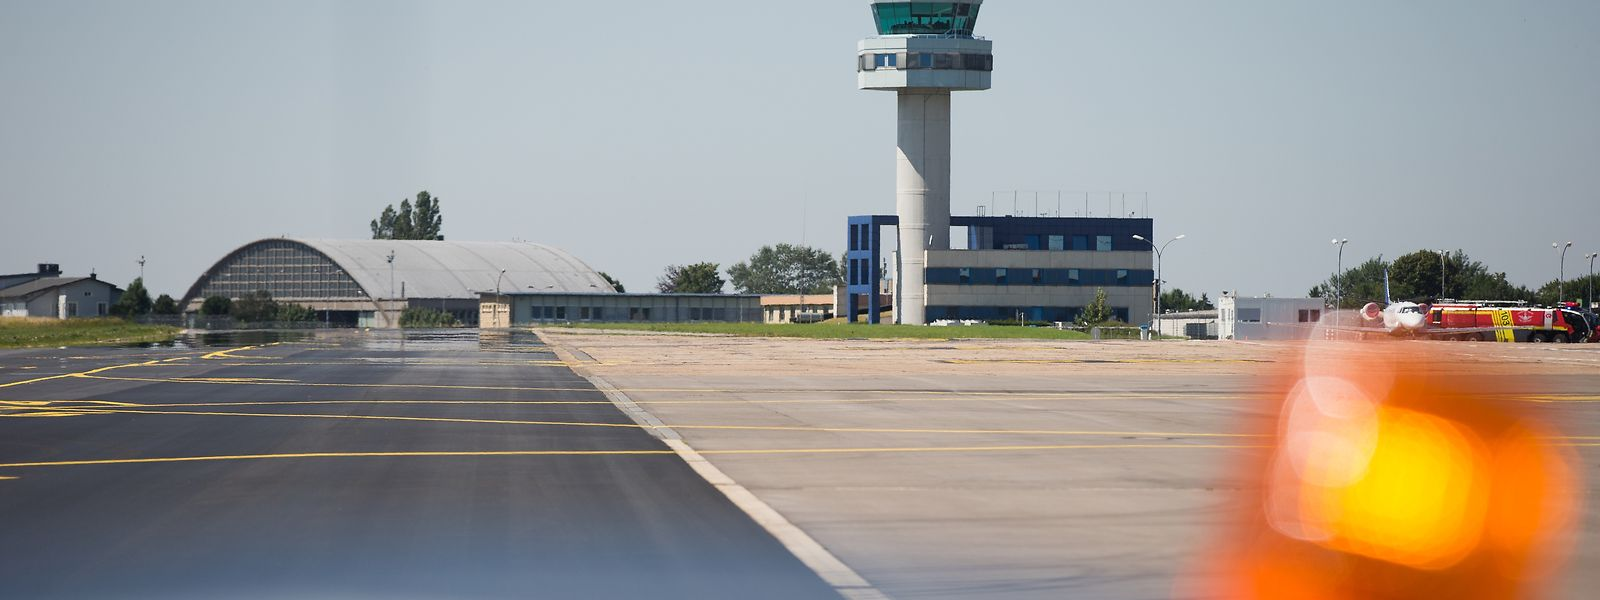 Aeroporto Do : Portugal açores corvo sata air açores avião no aeroporto do